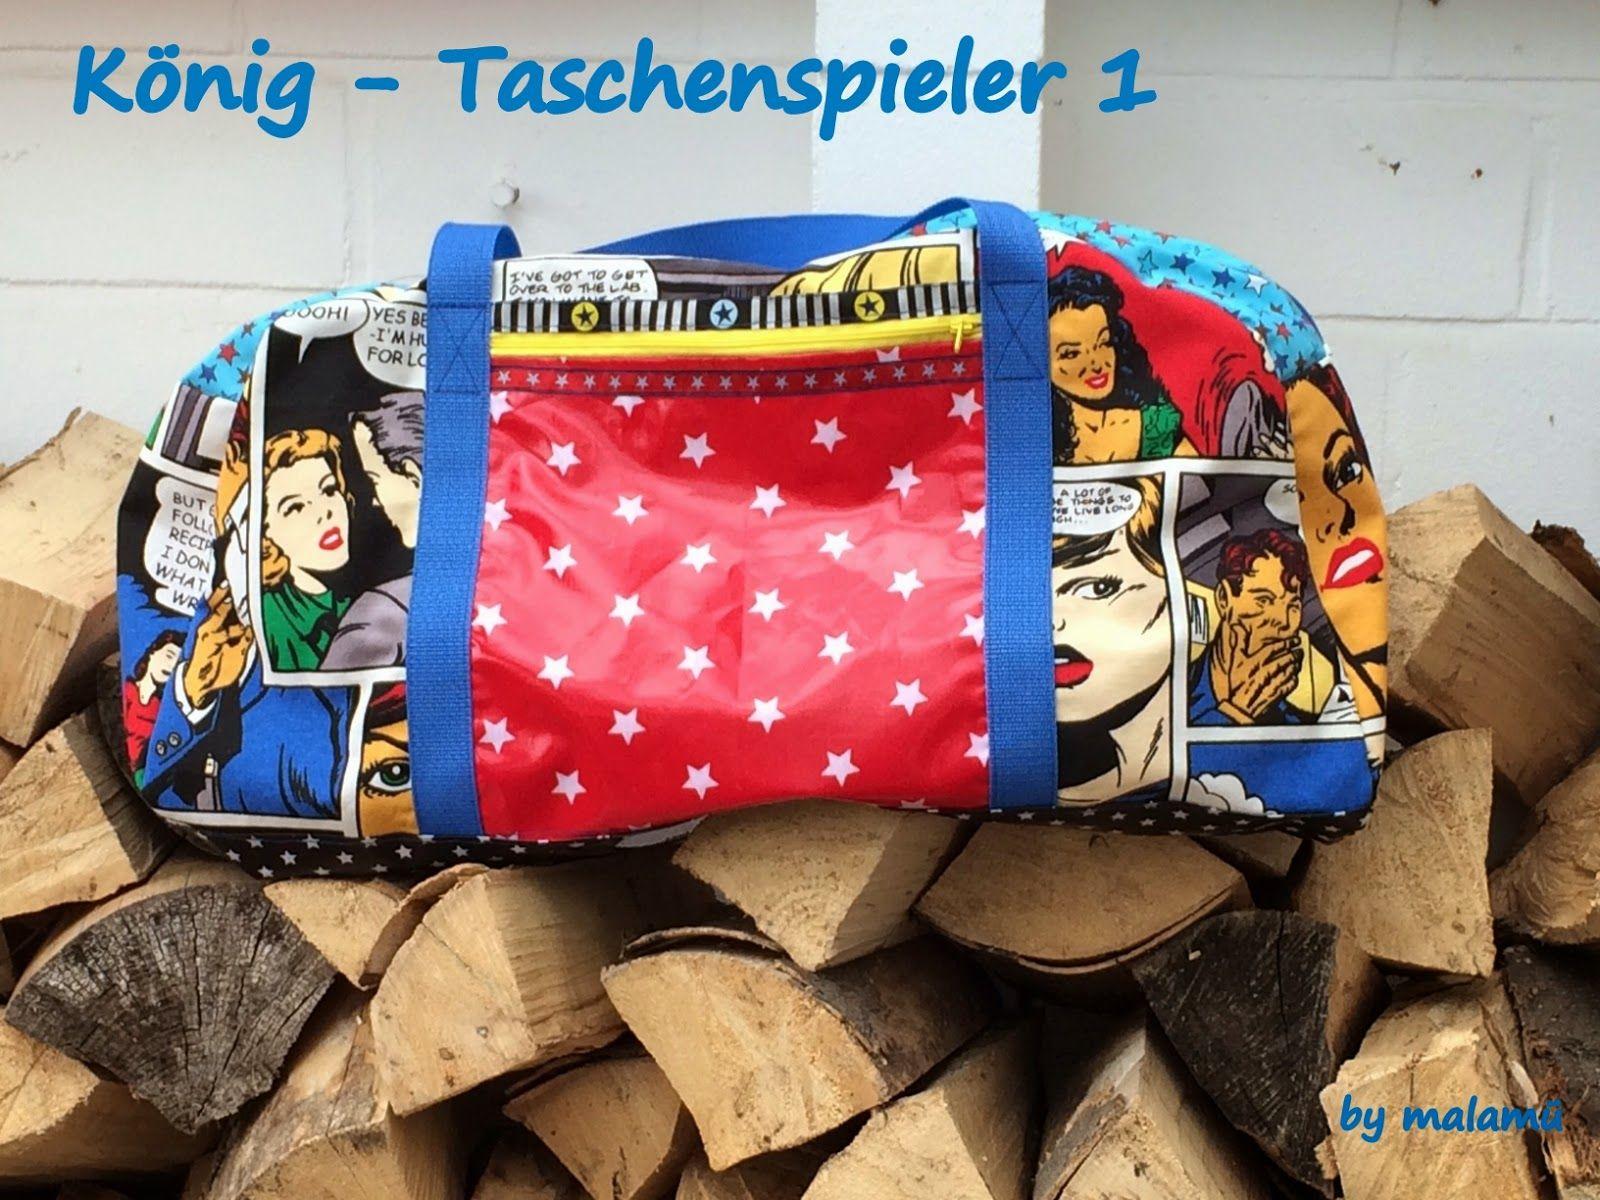 König, Taschenspieler 1, selbstgenäht, Reisetasche, by malamü